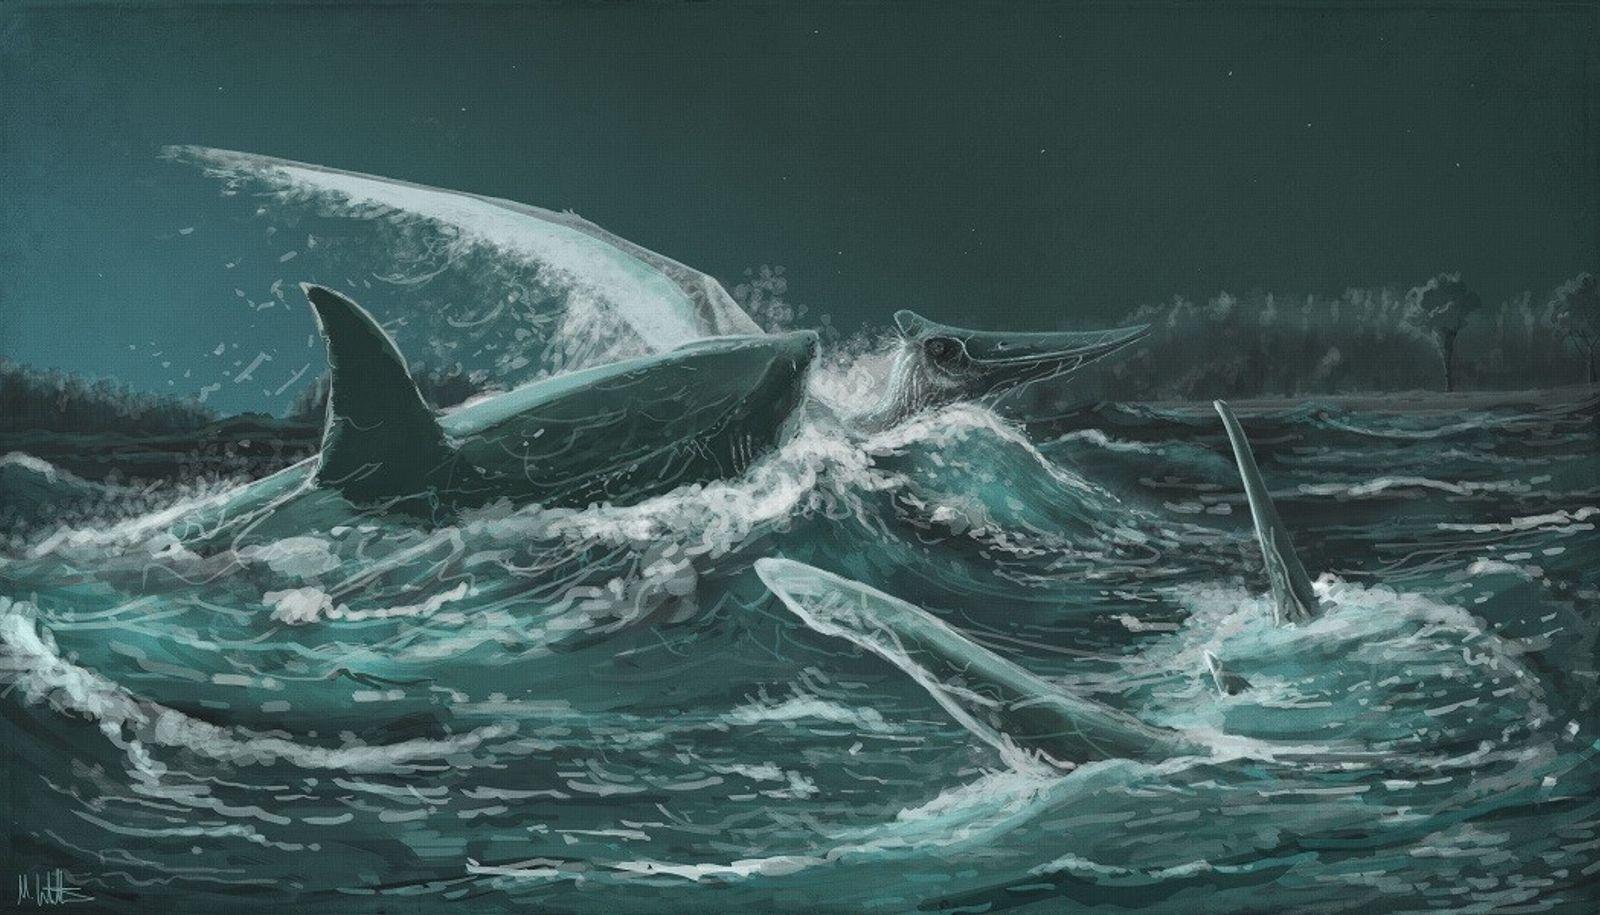 Fossilfund: Prähistorische Haie fraßen fliegende Reptilien